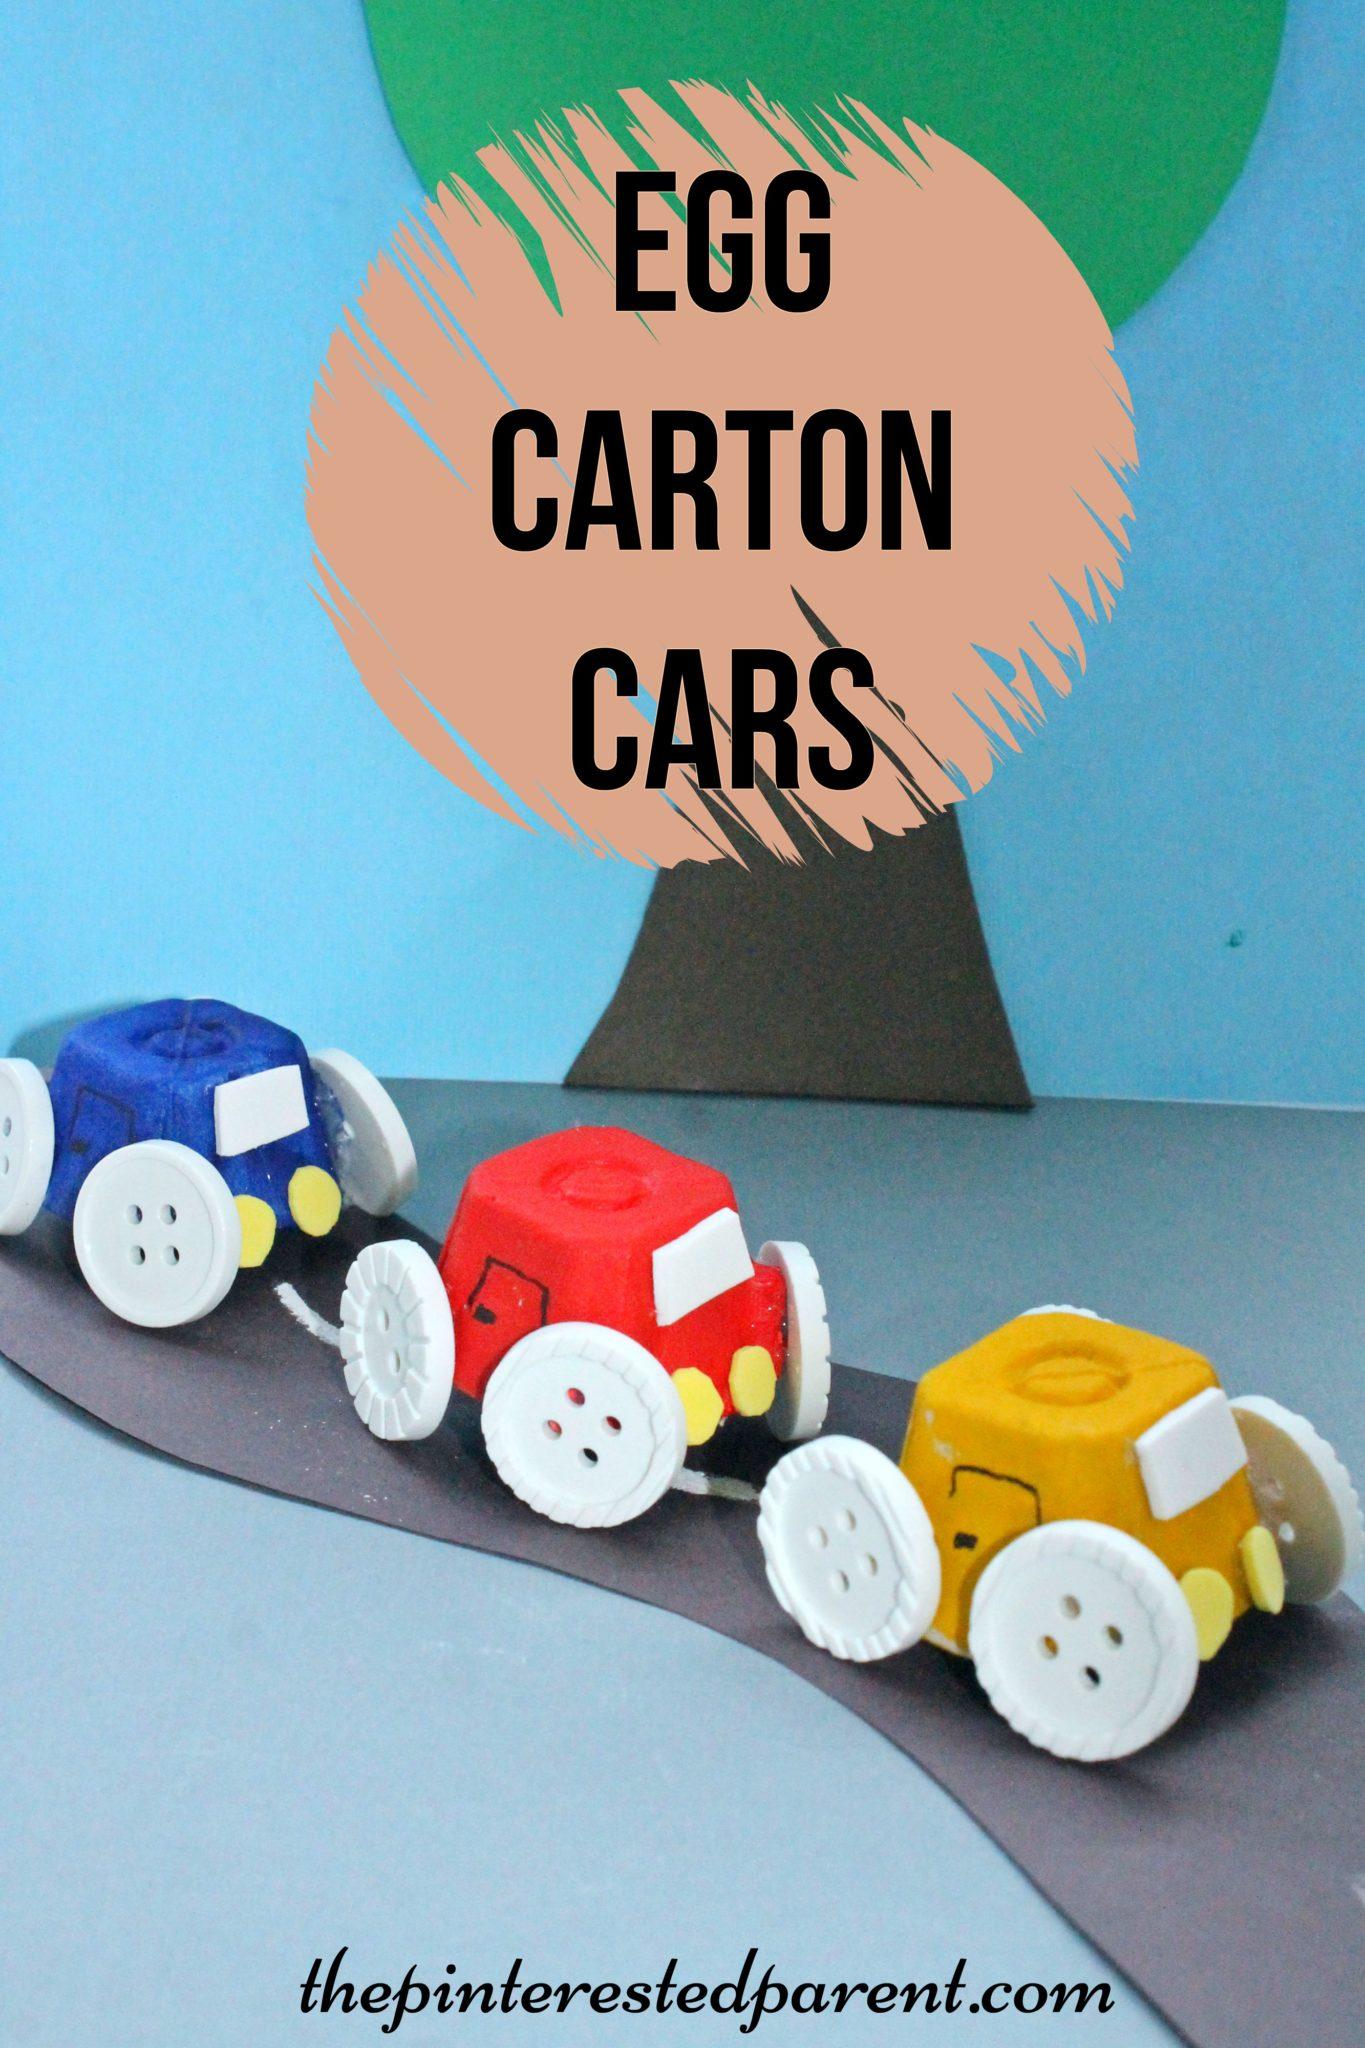 egg carton cars